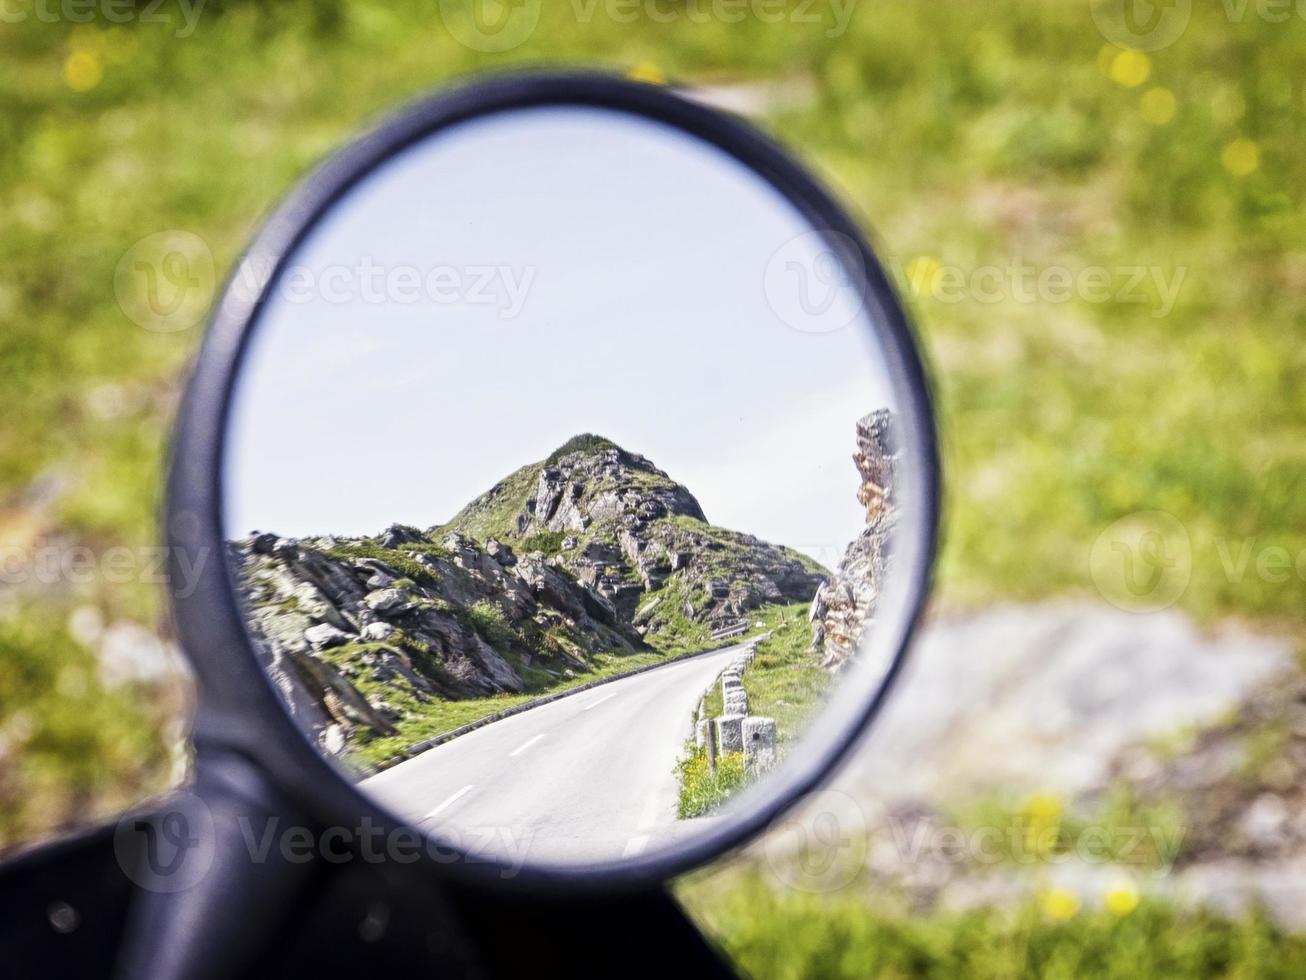 espelho retrovisor foto